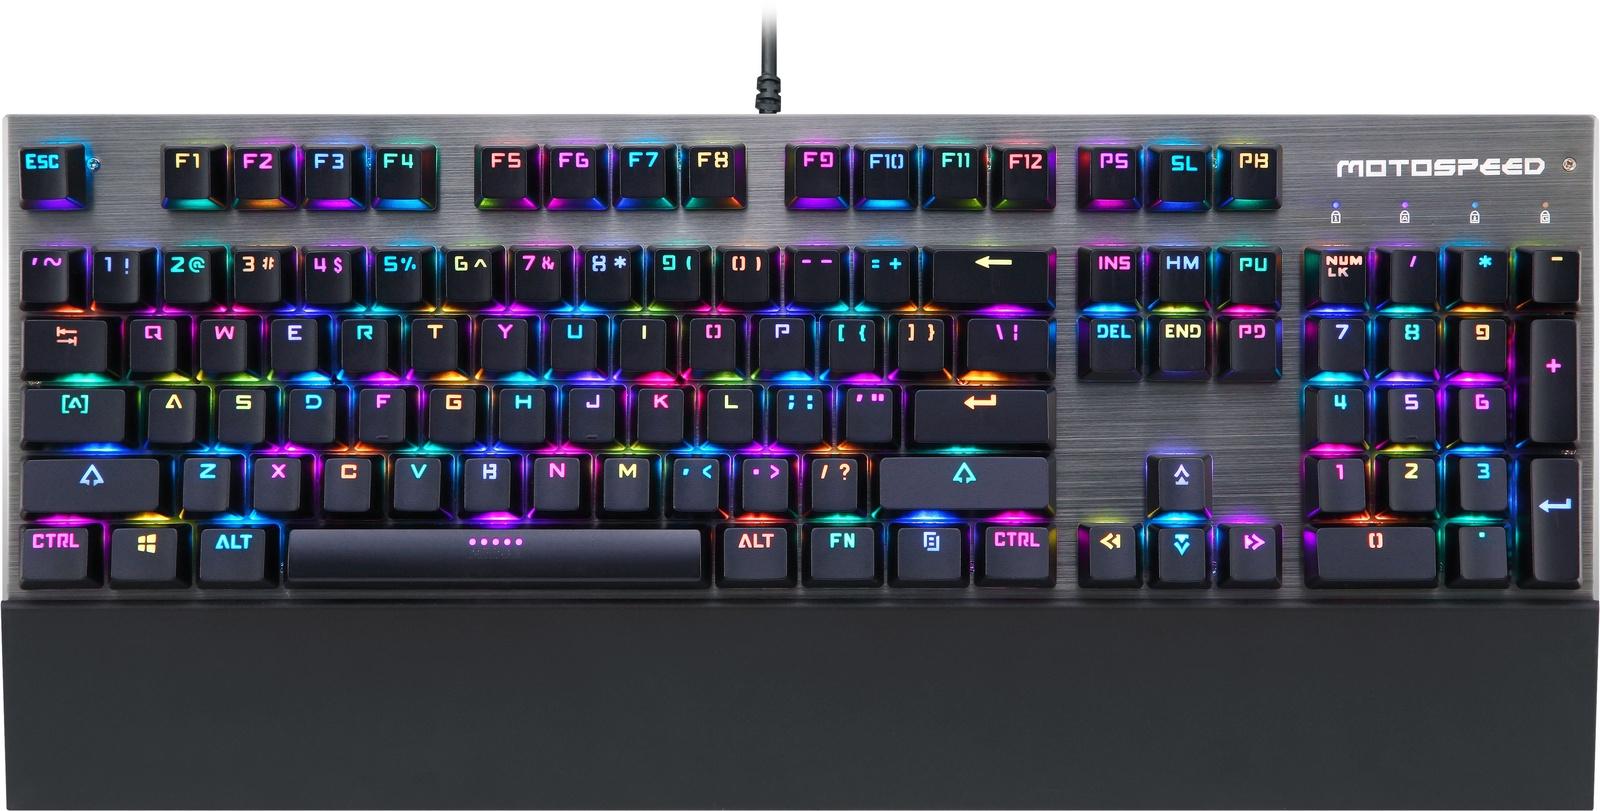 Игровая клавиатура Motospeed CK108 RGB yi бо е 3lue k751 шесть смешения цветов свет 104 механических клавиши клавиатуры черная красная ось